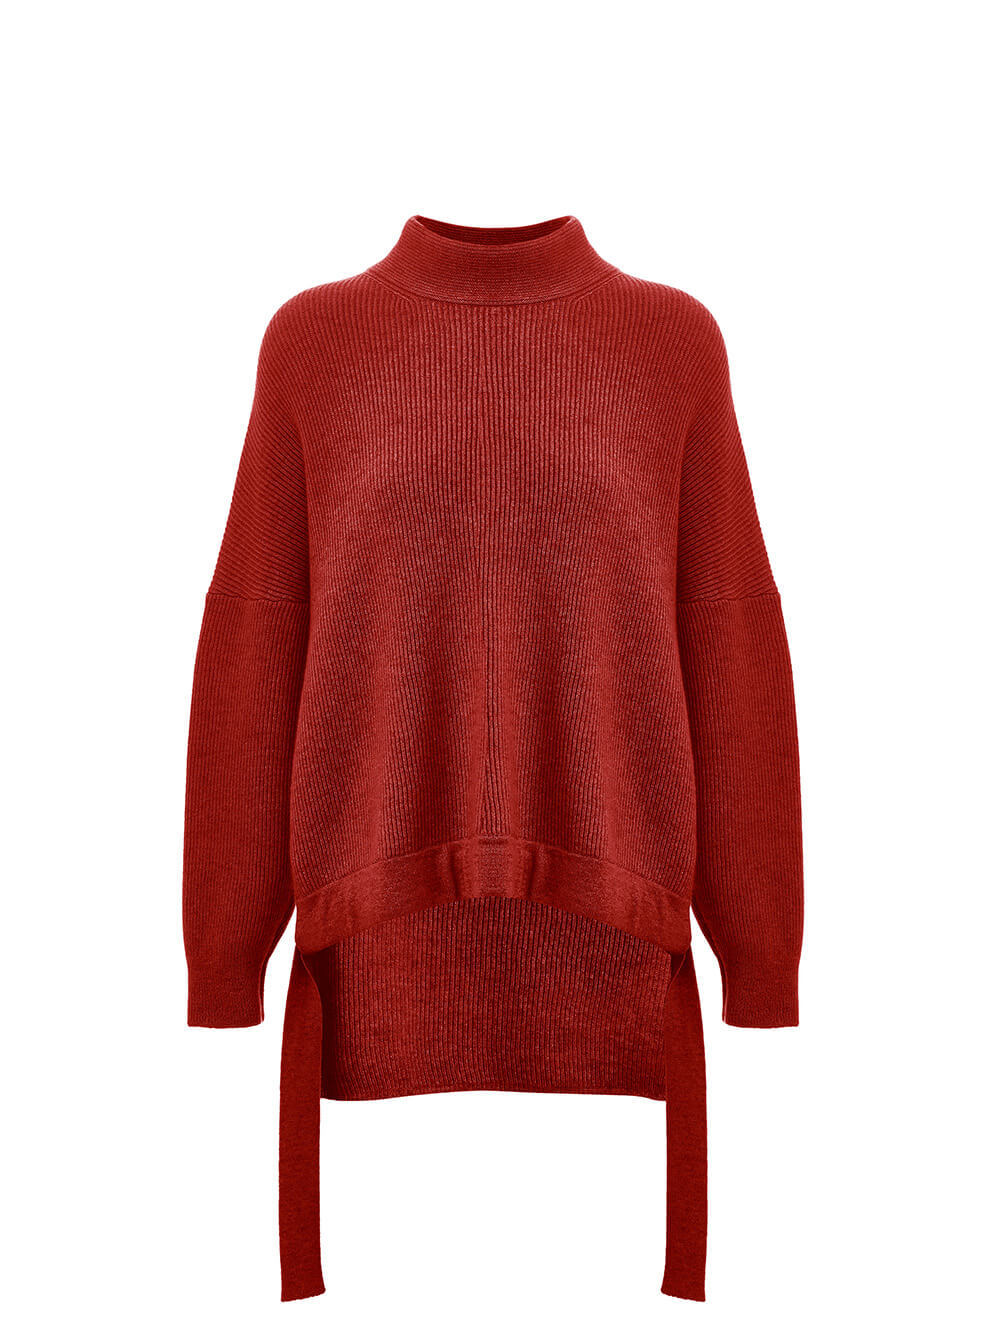 Женский свитер красного цвета из 100% кашемира - фото 1